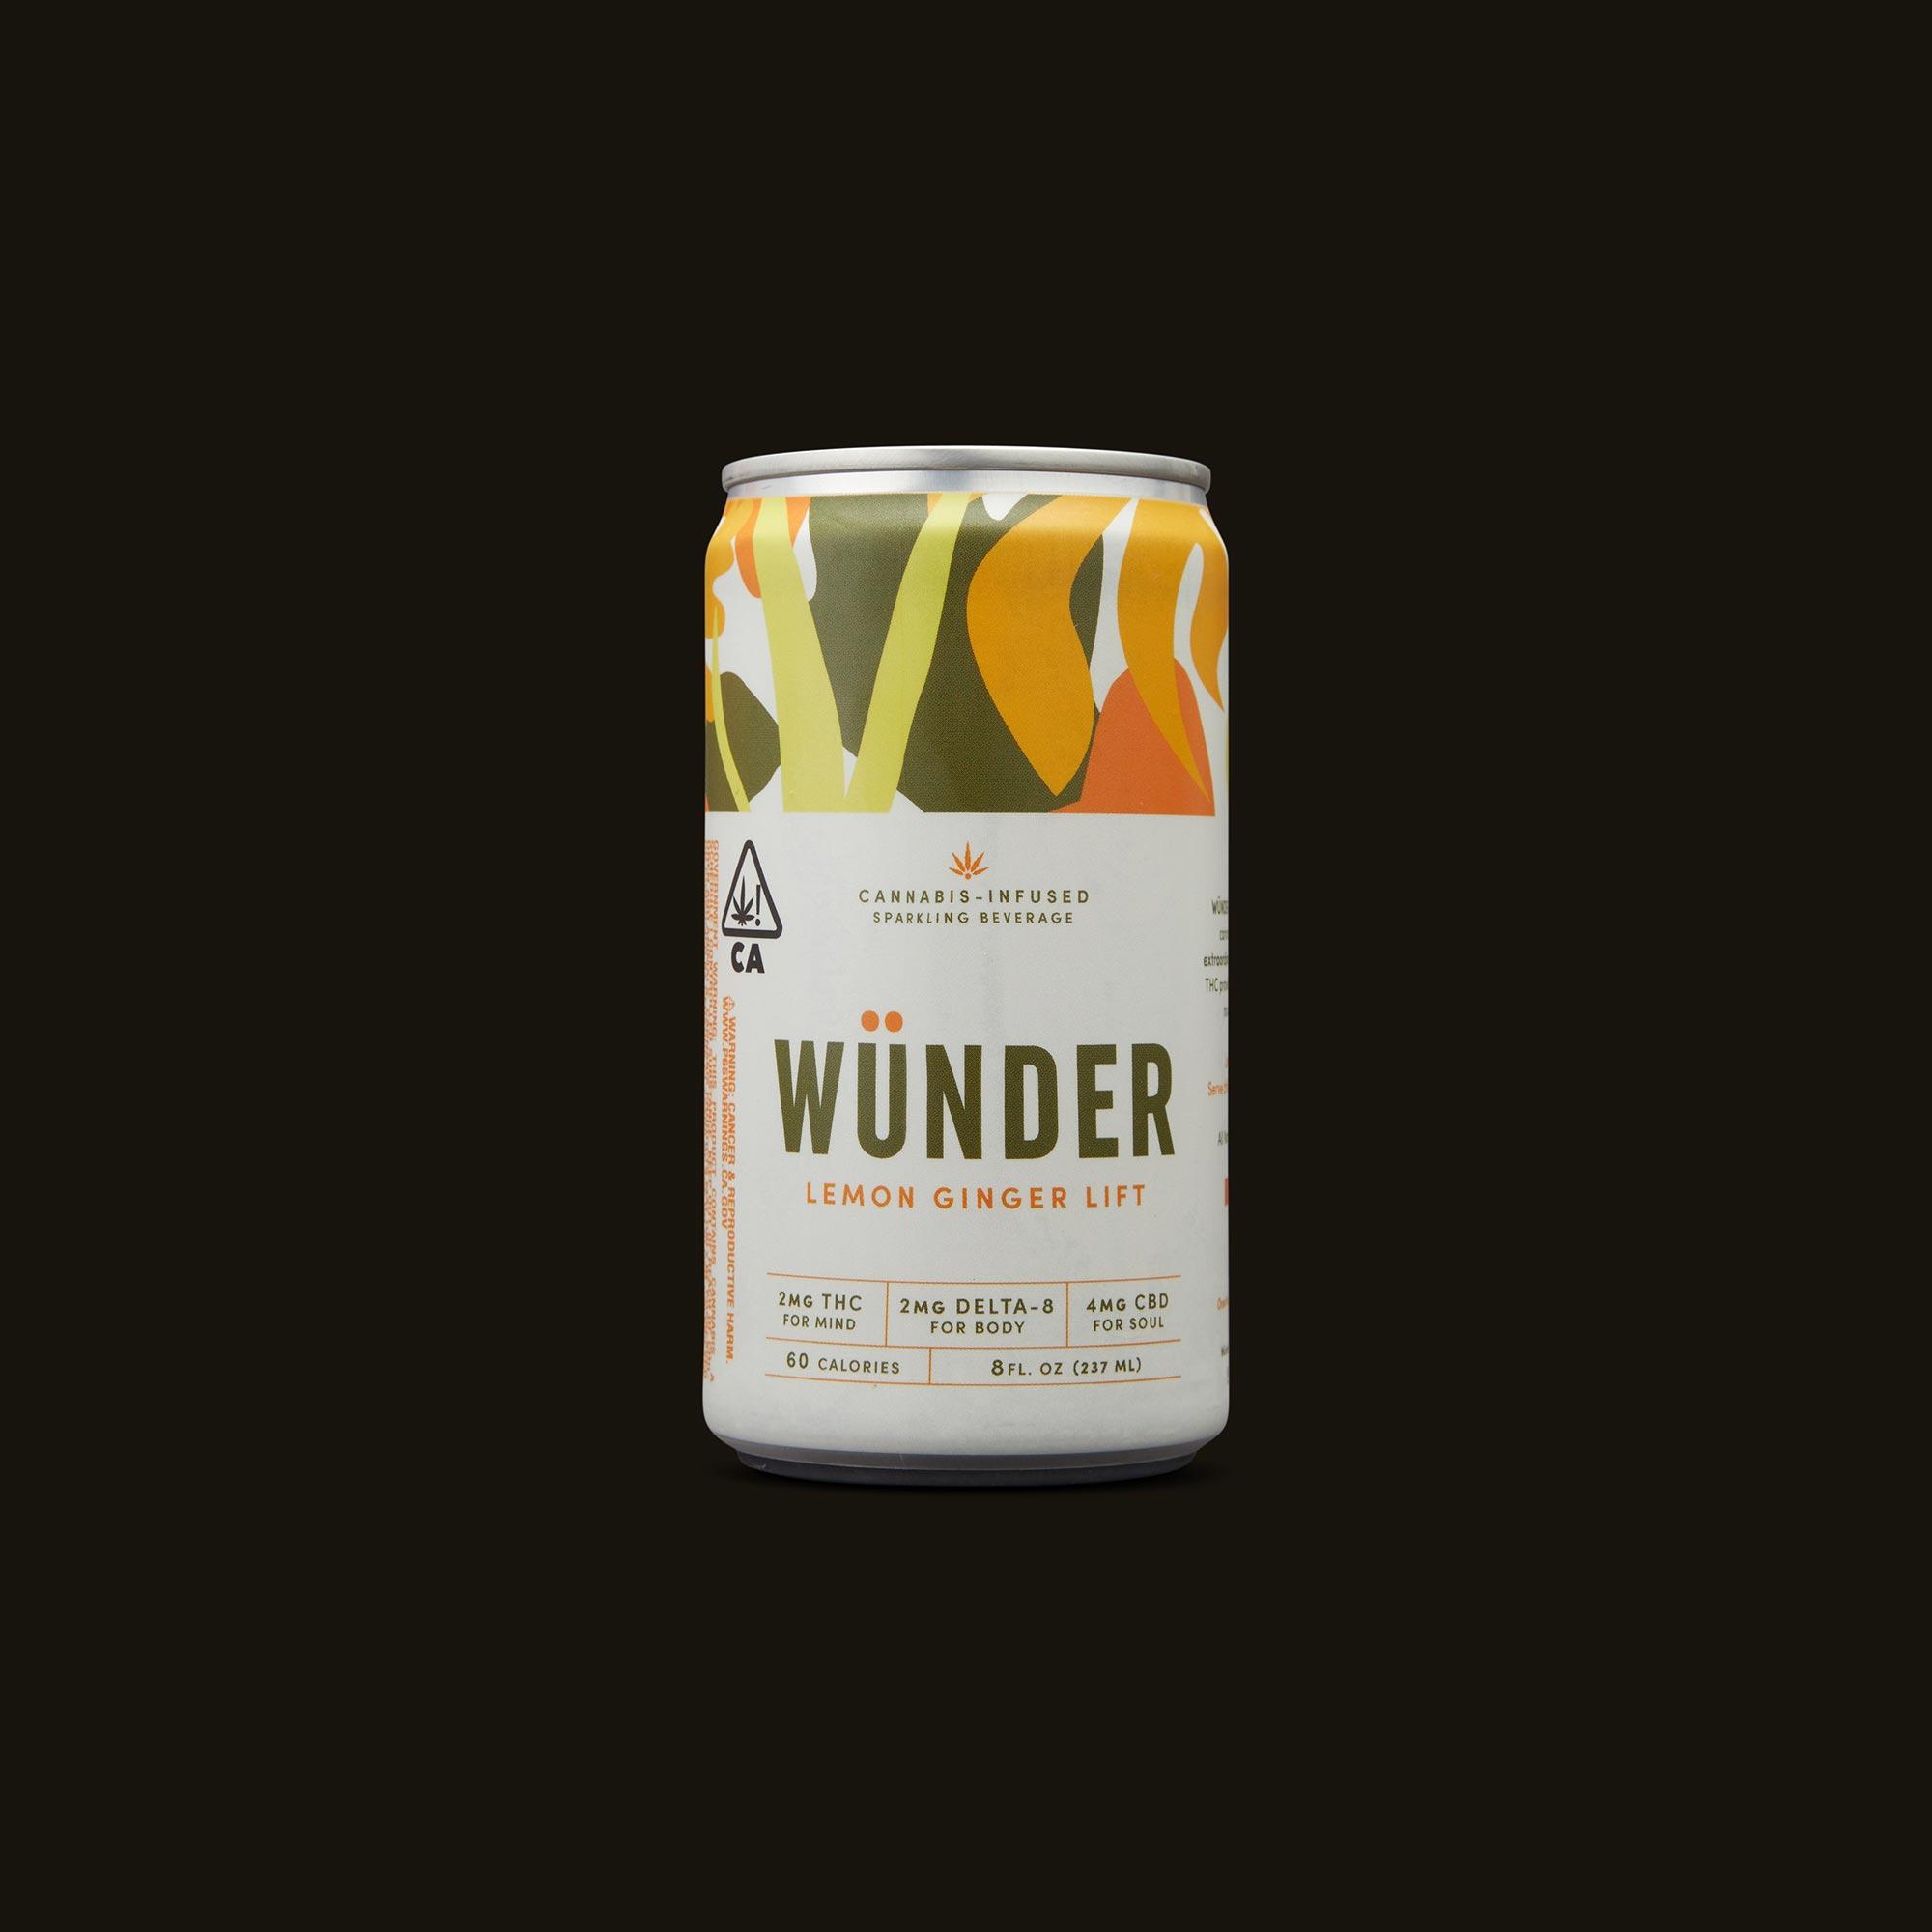 Wunder Lemon Ginger Lift Front Can